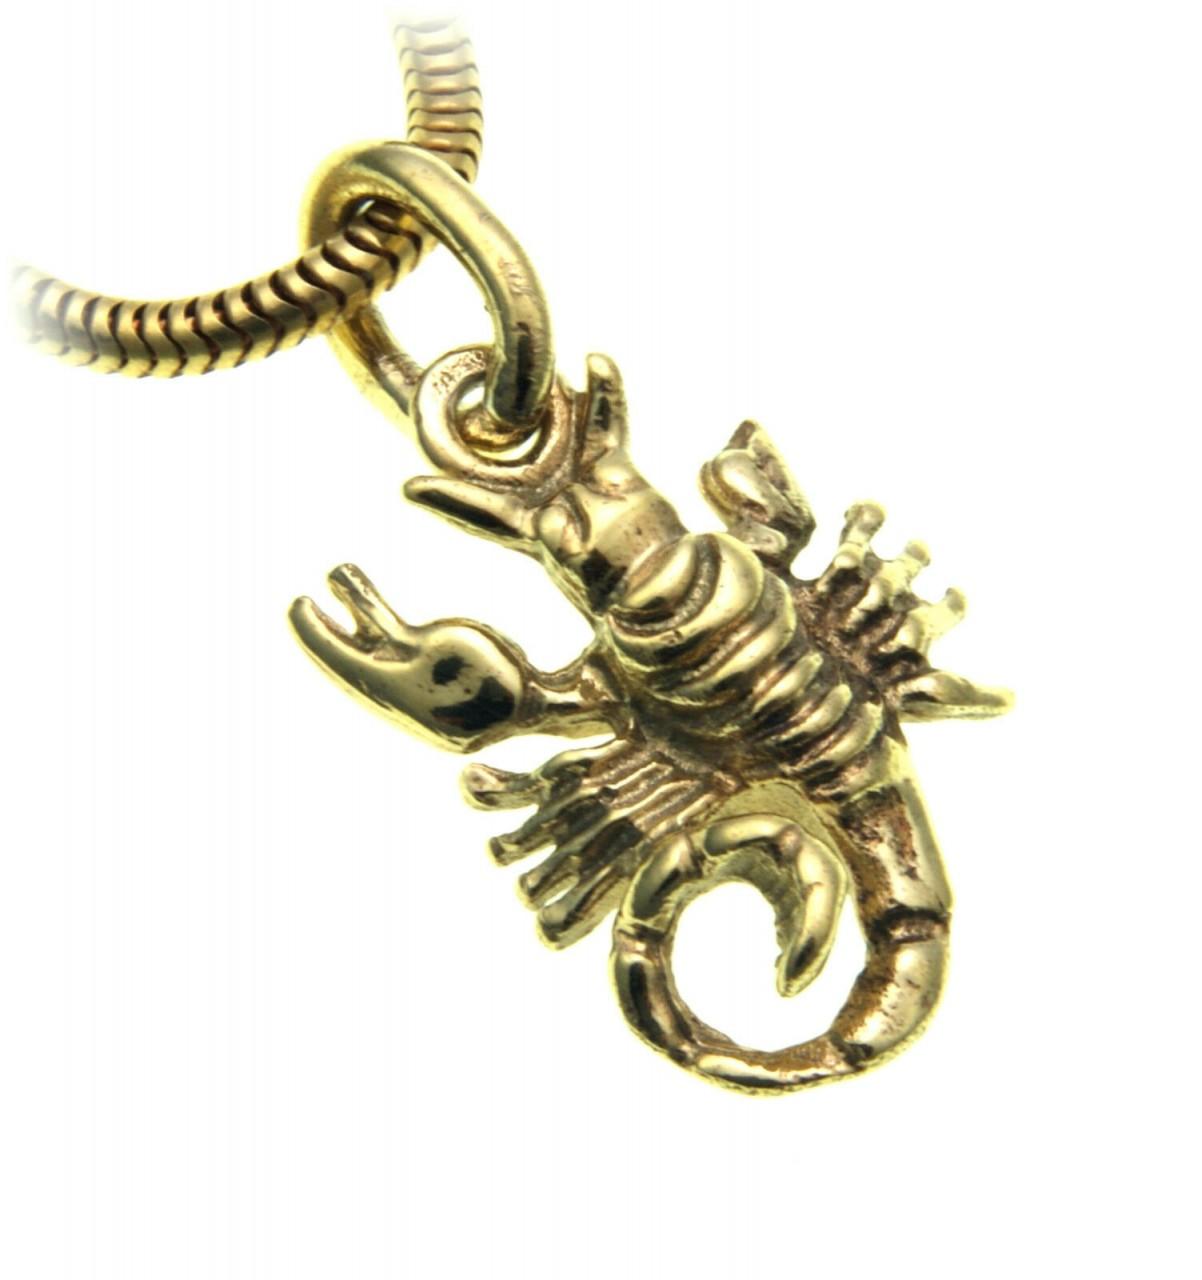 Anhänger Sternzeichen Skorpion echt Gold 333 massiv Tierkreiszeichen Gelbgold